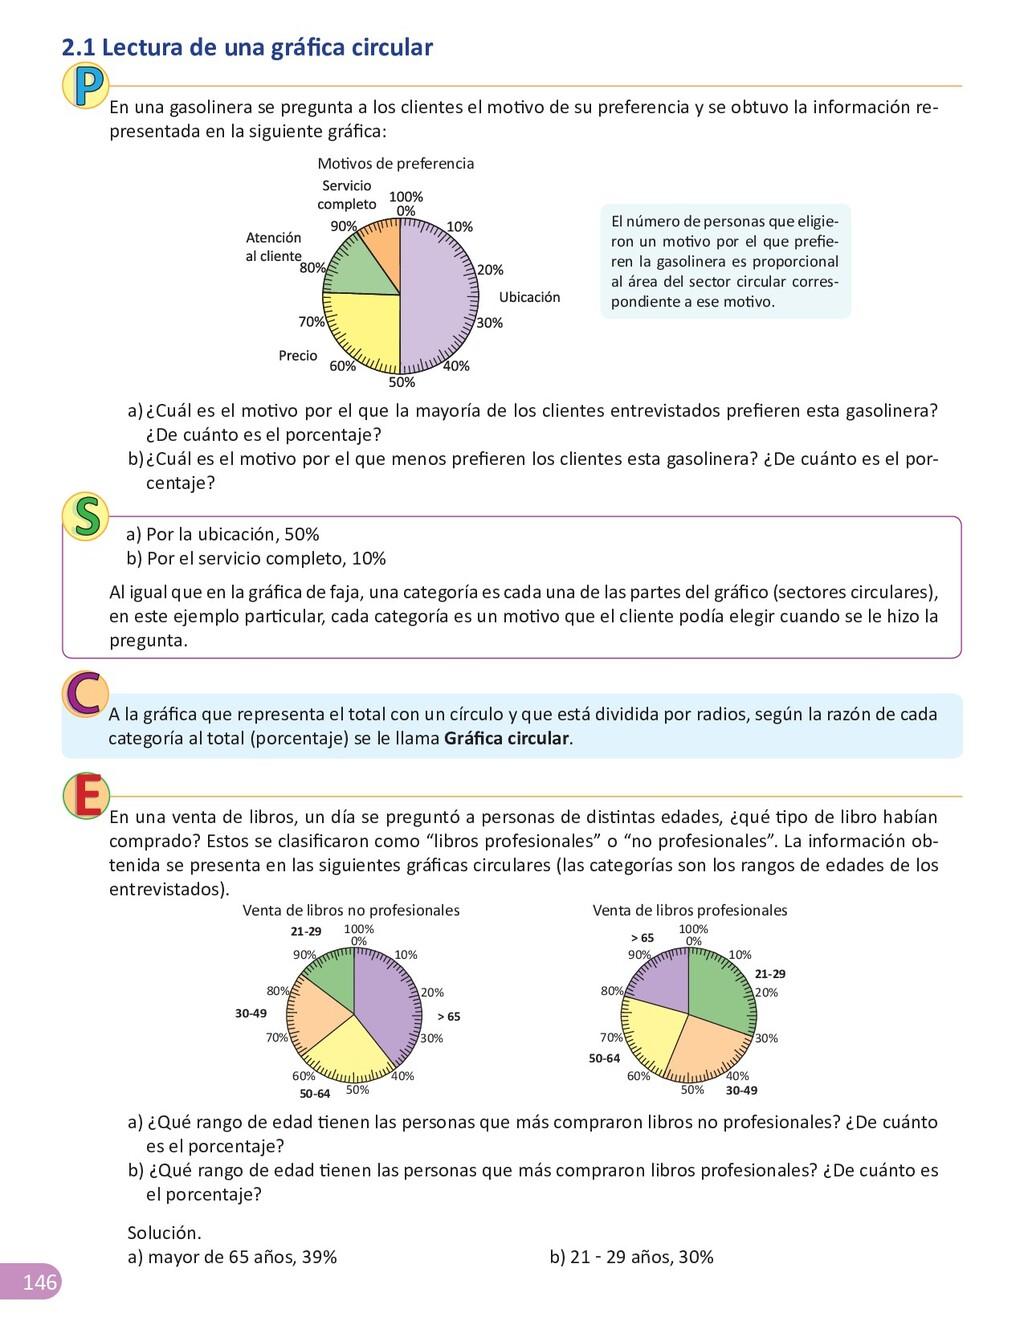 146 2.1 Lectura de una gráfica circular En una ...